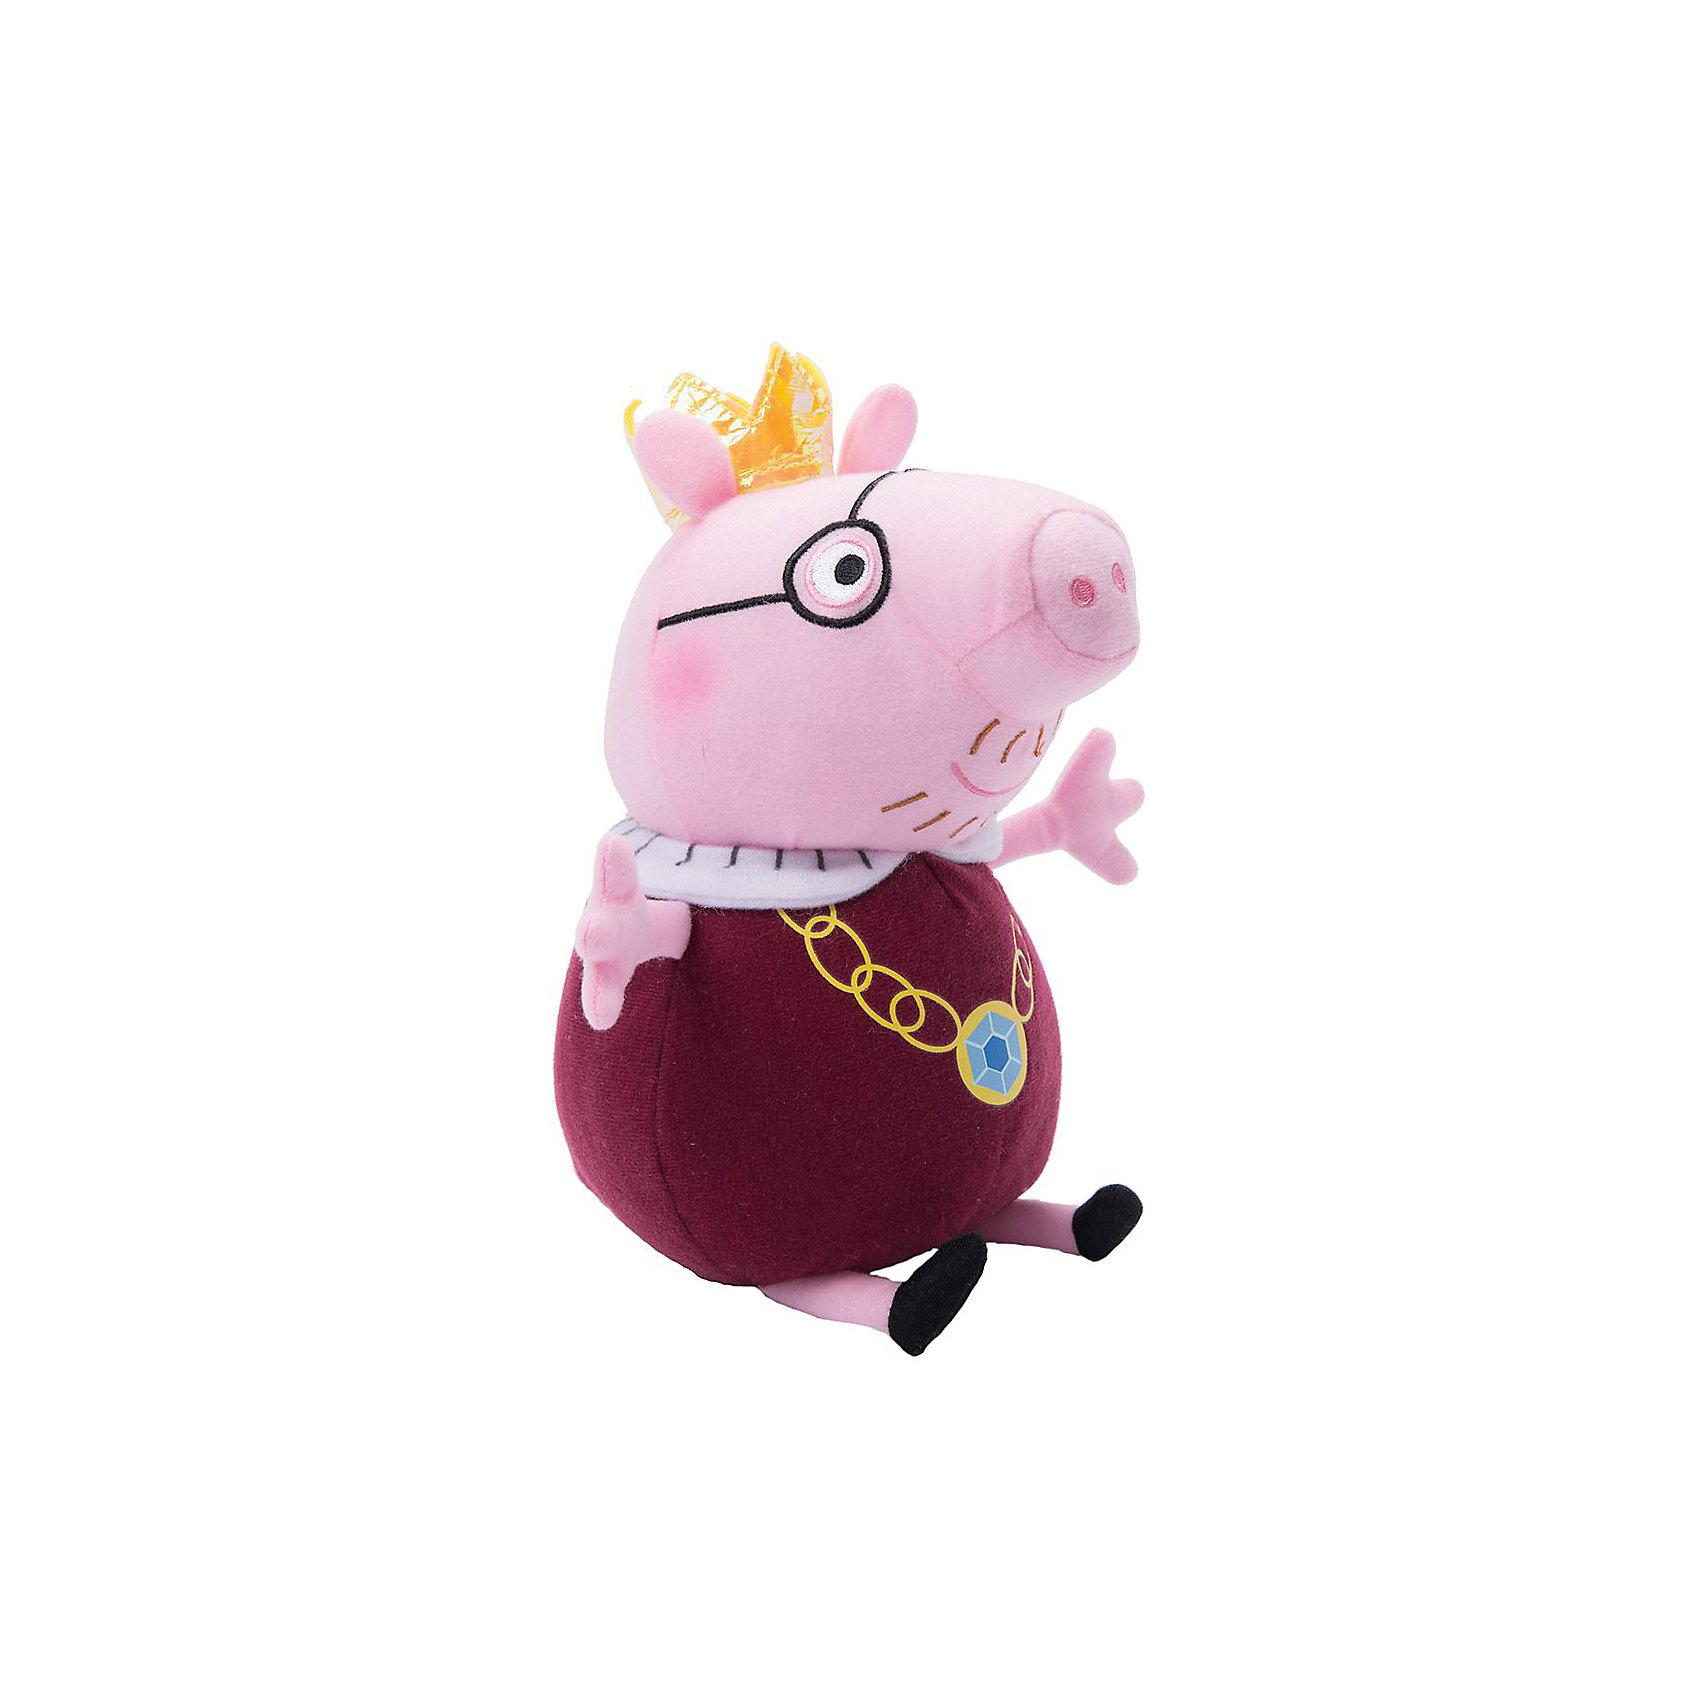 Мягкая игрушка Папа-Свин король, 30 см, Peppa PigМягкая игрушка Папа-Свин король, 30 см, Peppa Pig (Свинка Пеппа). <br><br>Характеристика:<br><br>• Материал: пластик, текстиль, плюш.   <br>• Размер игрушки: 30 см.<br>• Игрушка мягкая, очень приятная на ощупь. <br><br>Игрушка в виде любимого персонажа мультсериала Peppa Pig, приведет в восторг любого ребенка. Папа-Свин в образе короля неотразим и восхитителен! Игрушка сшита из мягкого приятного на ощупь плюща. С ней очень весело играть днем и приятно засыпать вечером.<br>Собери всю коллекцию плюшевых игрушек Peppa Pig проигрывай сцены из любимых мультфильмов или придумывай свои забавные и интересные истории!  <br><br>Мягкую игрушку Папа-Свин король, 30 см, Peppa Pig (Свинка Пеппа), можно купить в нашем интернет-магазине.<br><br>Ширина мм: 245<br>Глубина мм: 165<br>Высота мм: 120<br>Вес г: 174<br>Возраст от месяцев: 36<br>Возраст до месяцев: 2147483647<br>Пол: Унисекс<br>Возраст: Детский<br>SKU: 5211685